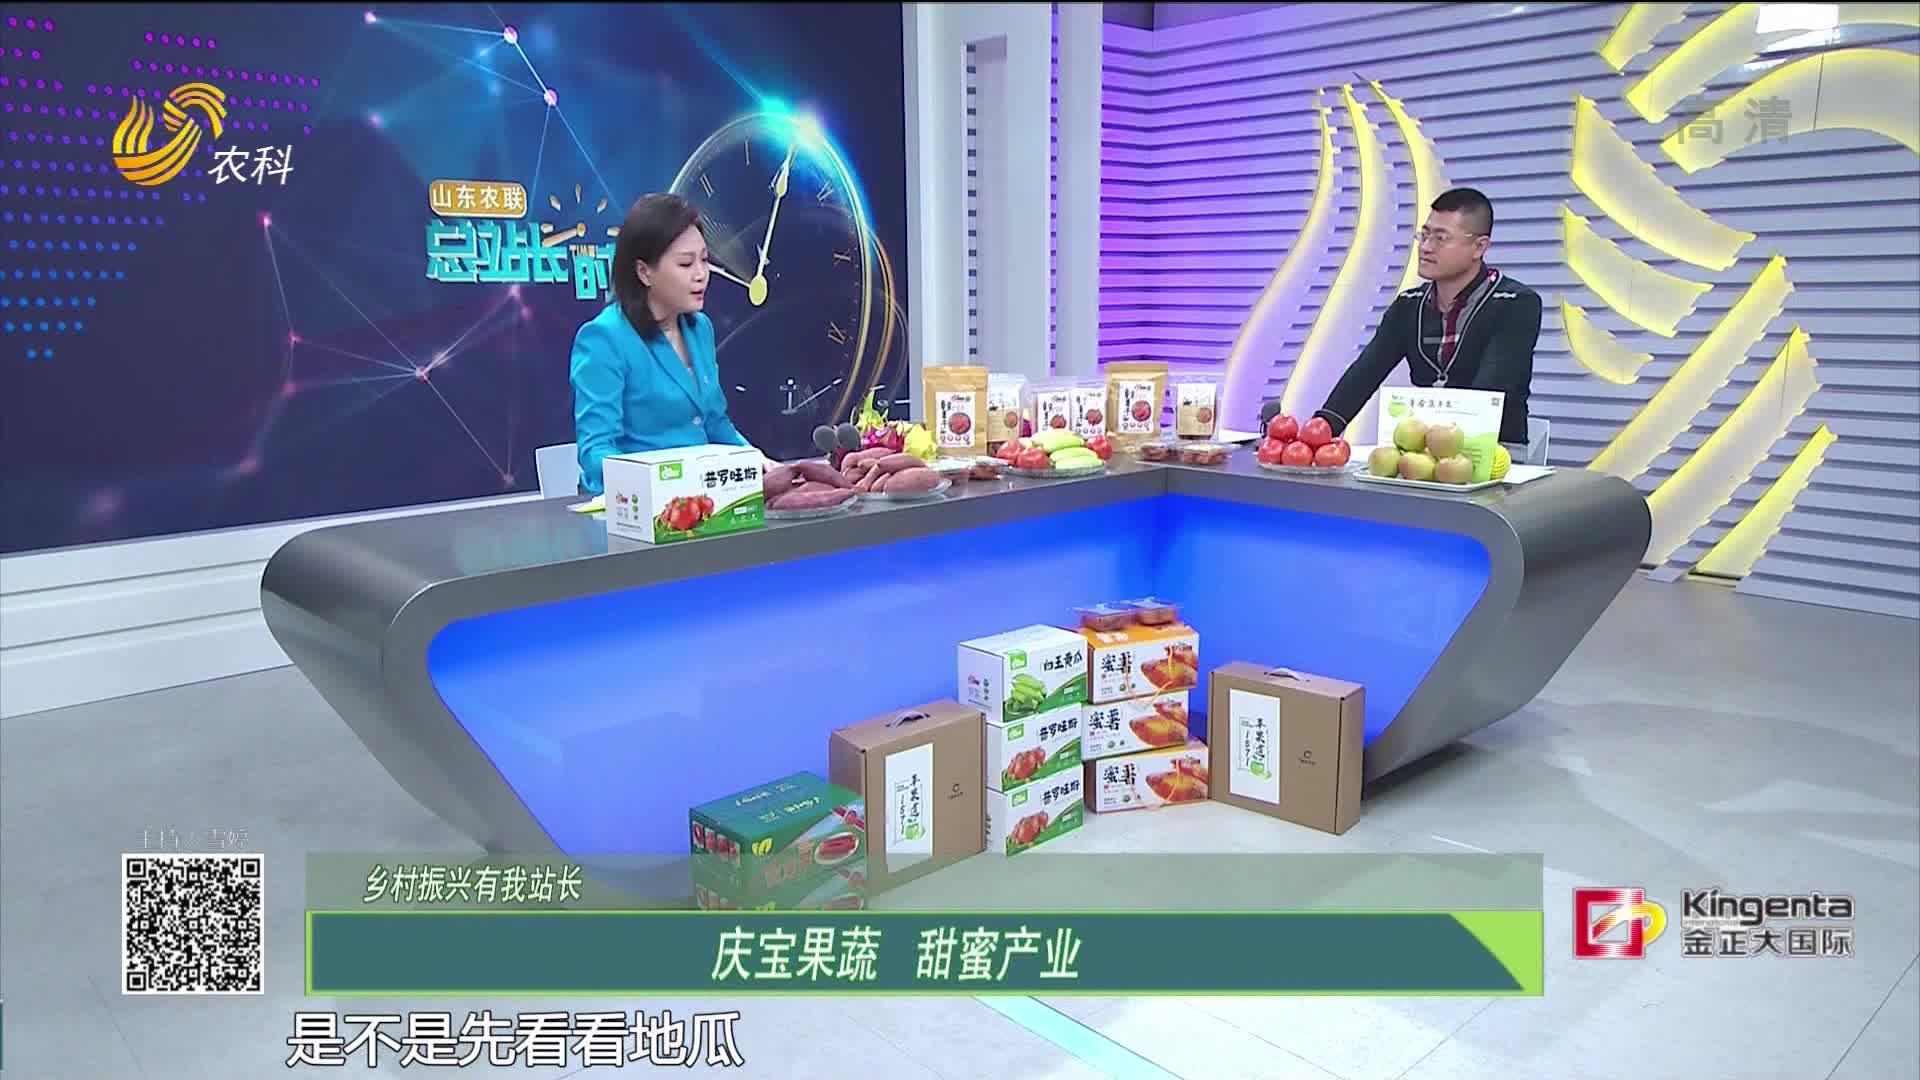 20210221《总站长时间》:庆宝果蔬 甜蜜产业